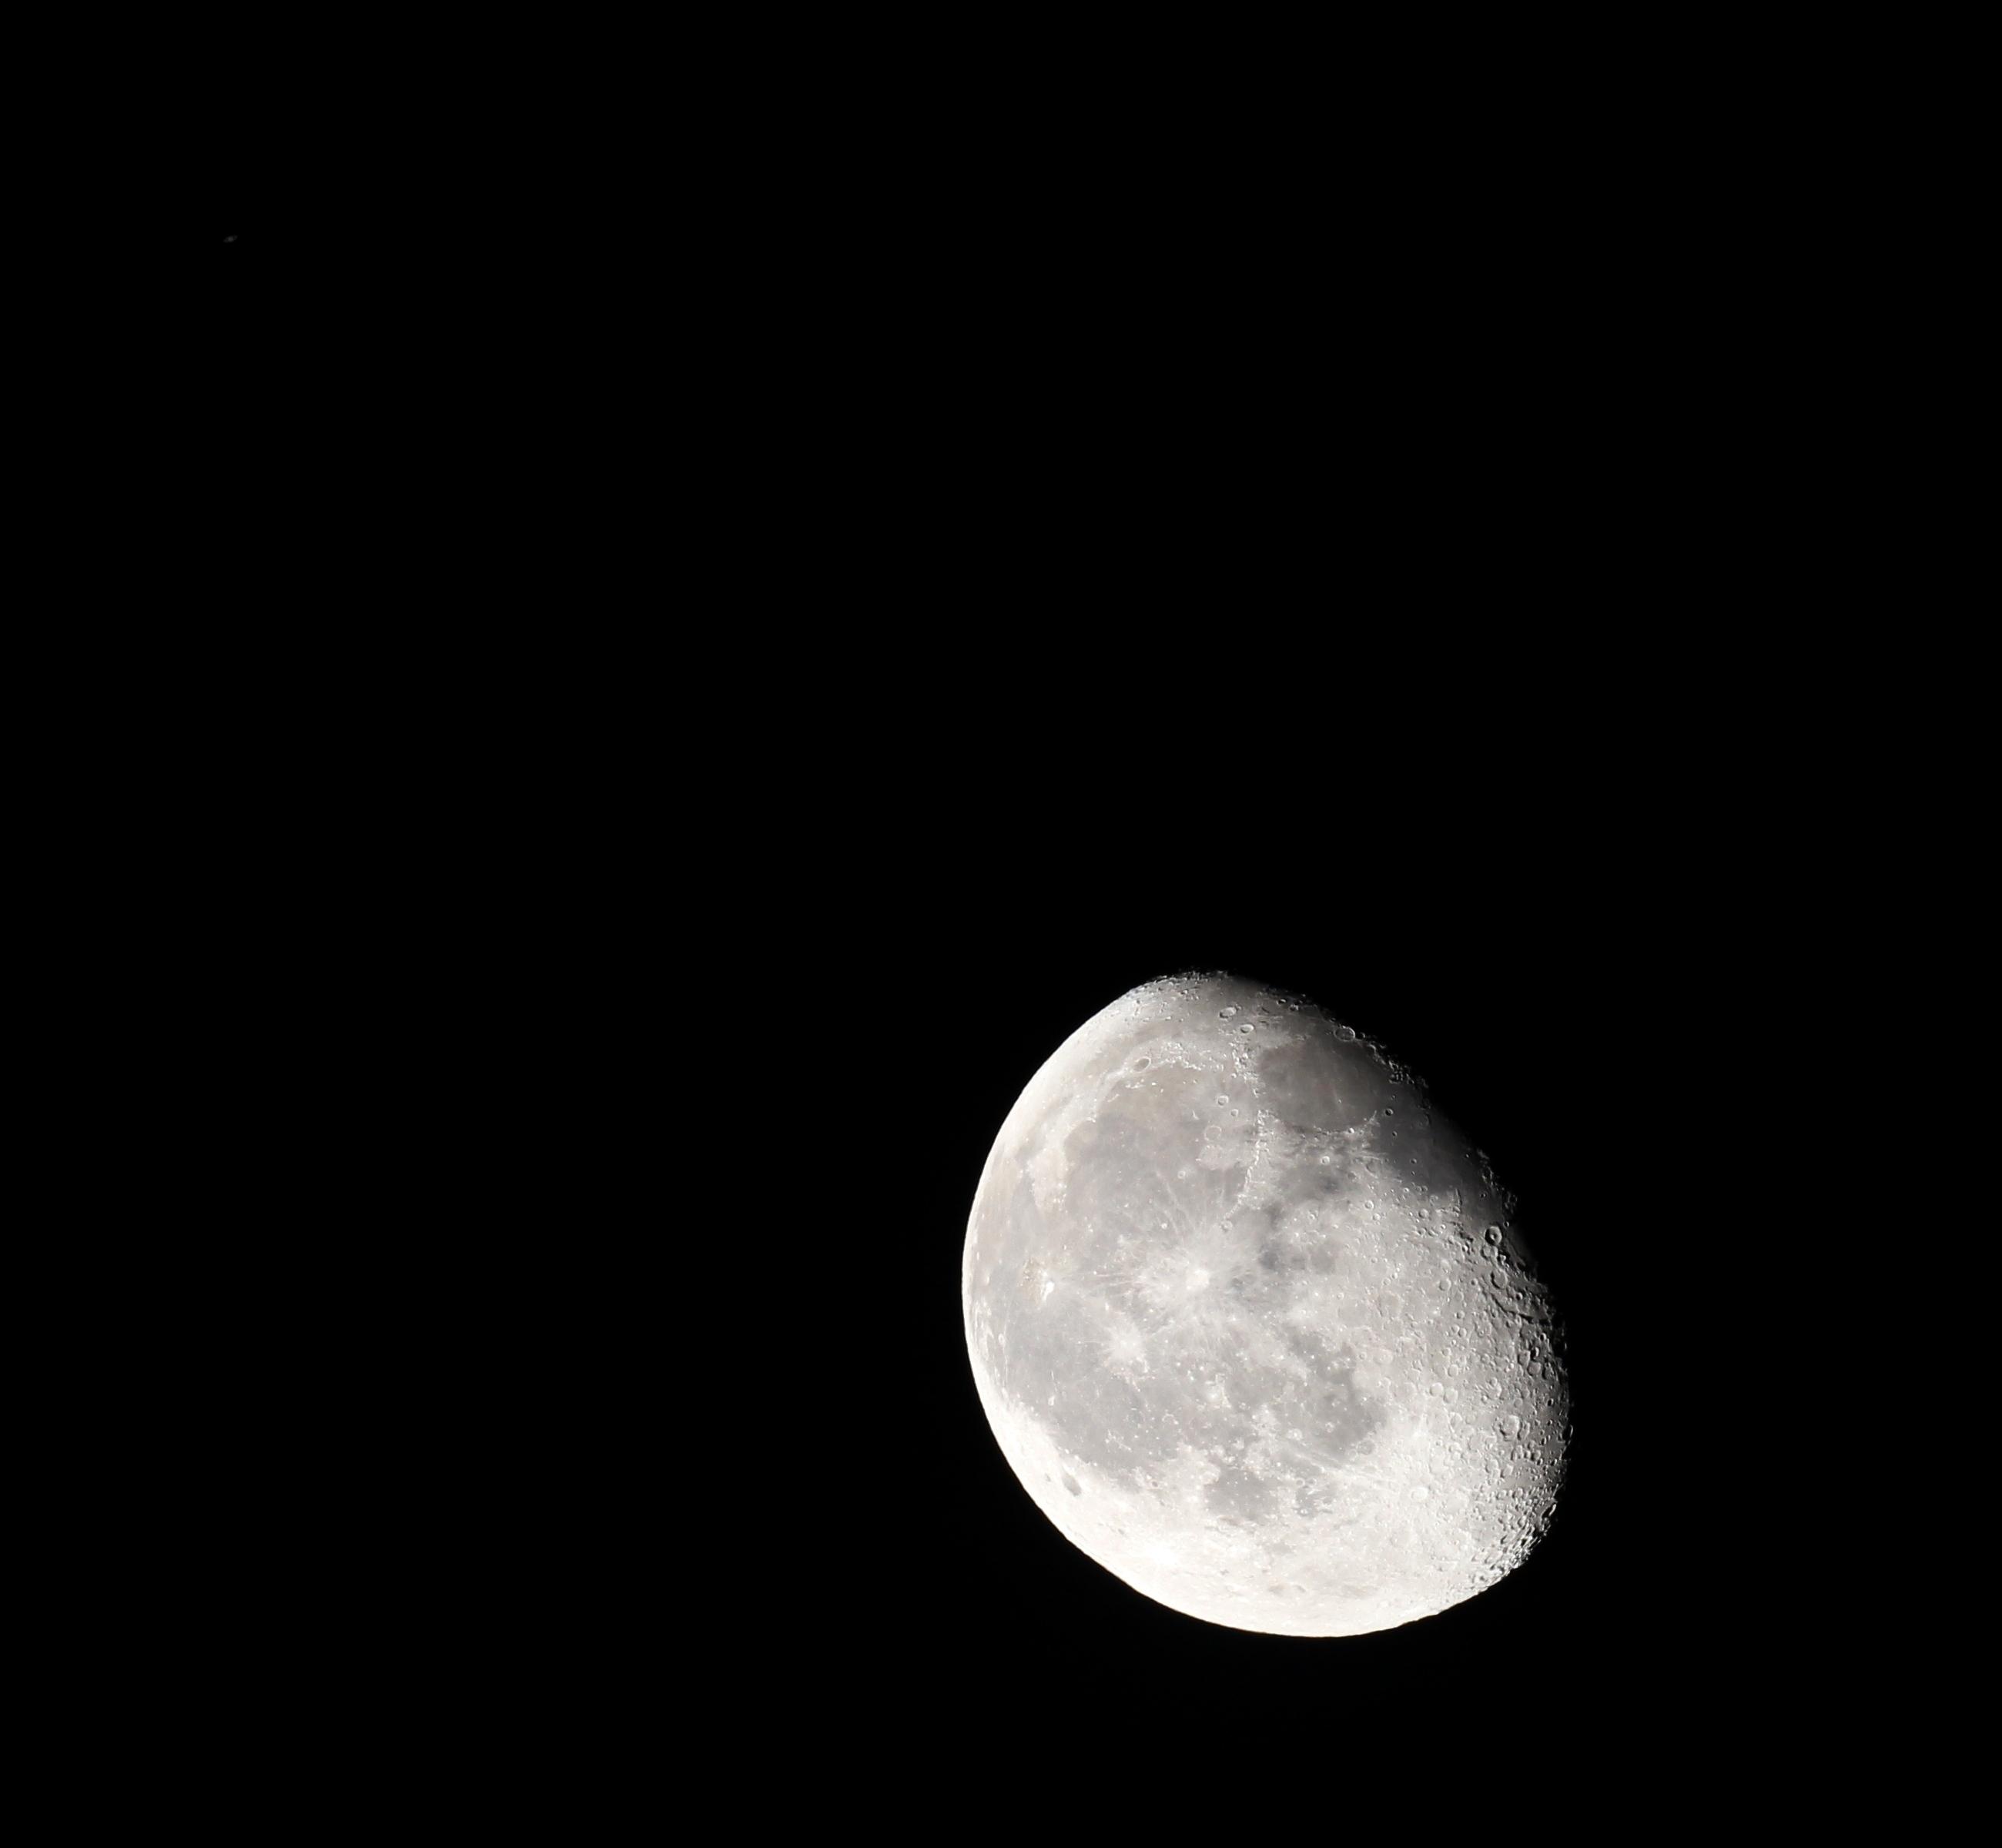 Mond-Saturn-Konjunktion am 21.3.2014, 3:07 MEZ, 64/420 Apochromat, Canon EOS 600D, ISO 200, 1/80 s